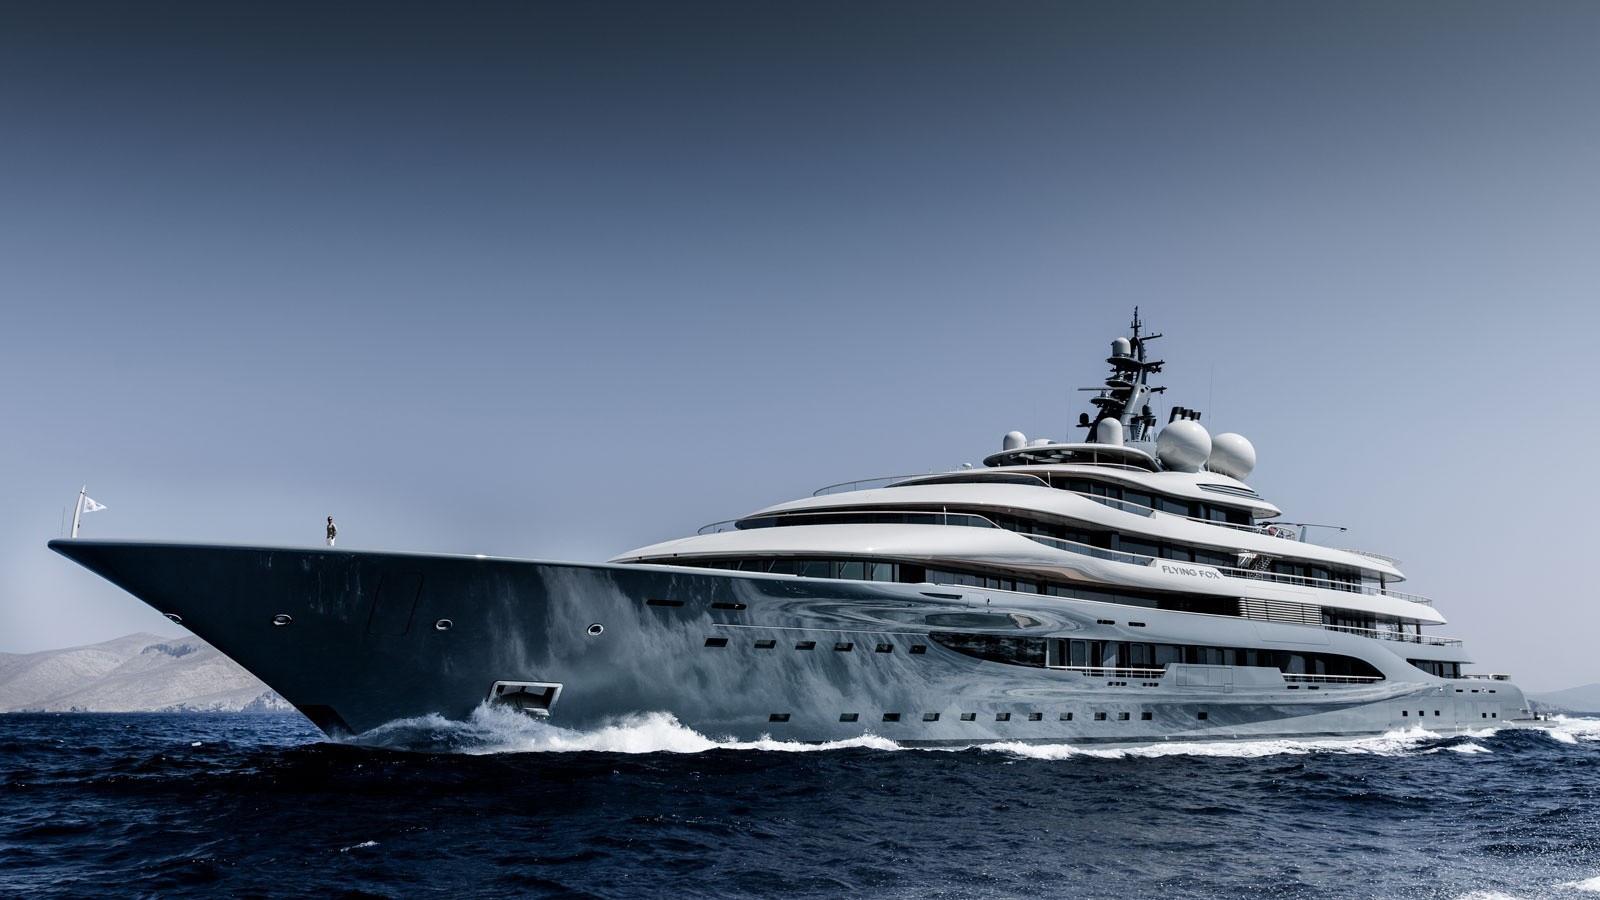 Beyonce và chồng chi 4 triệu USD thuê du thuyền để nghỉ dưỡng - Ảnh 2.